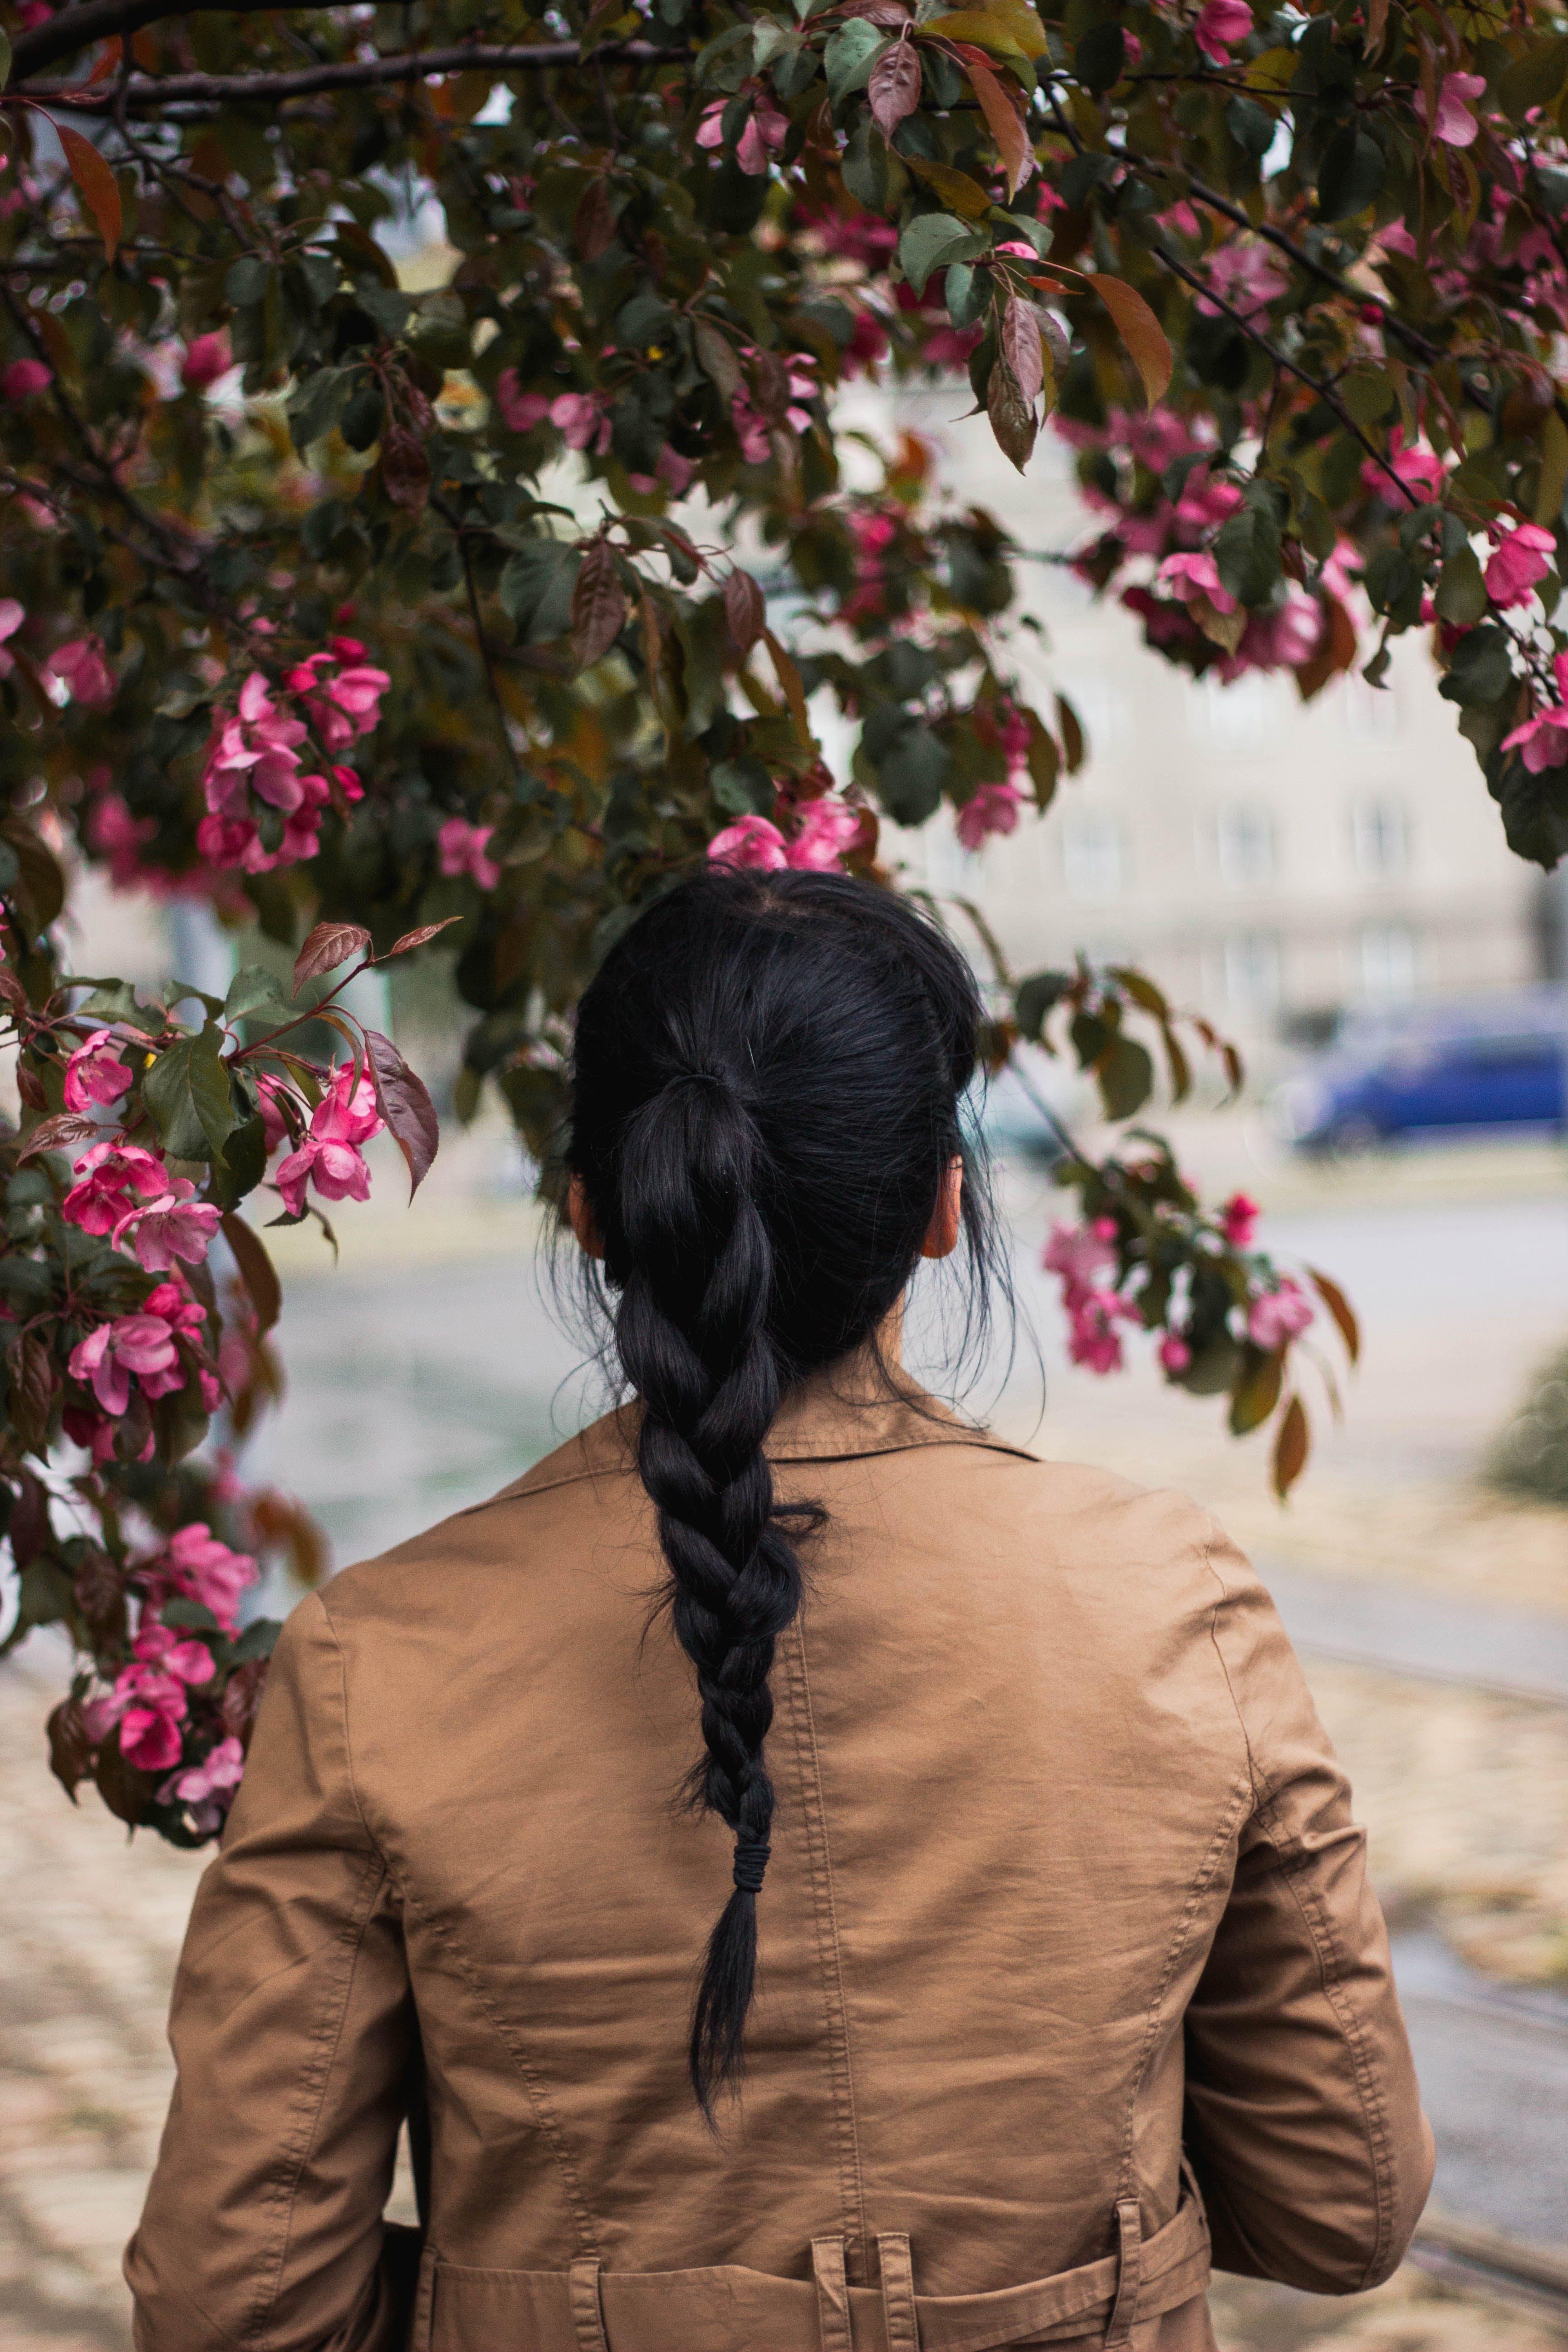 ぼかし, シティ, ジャケット, ファッションの無料の写真素材